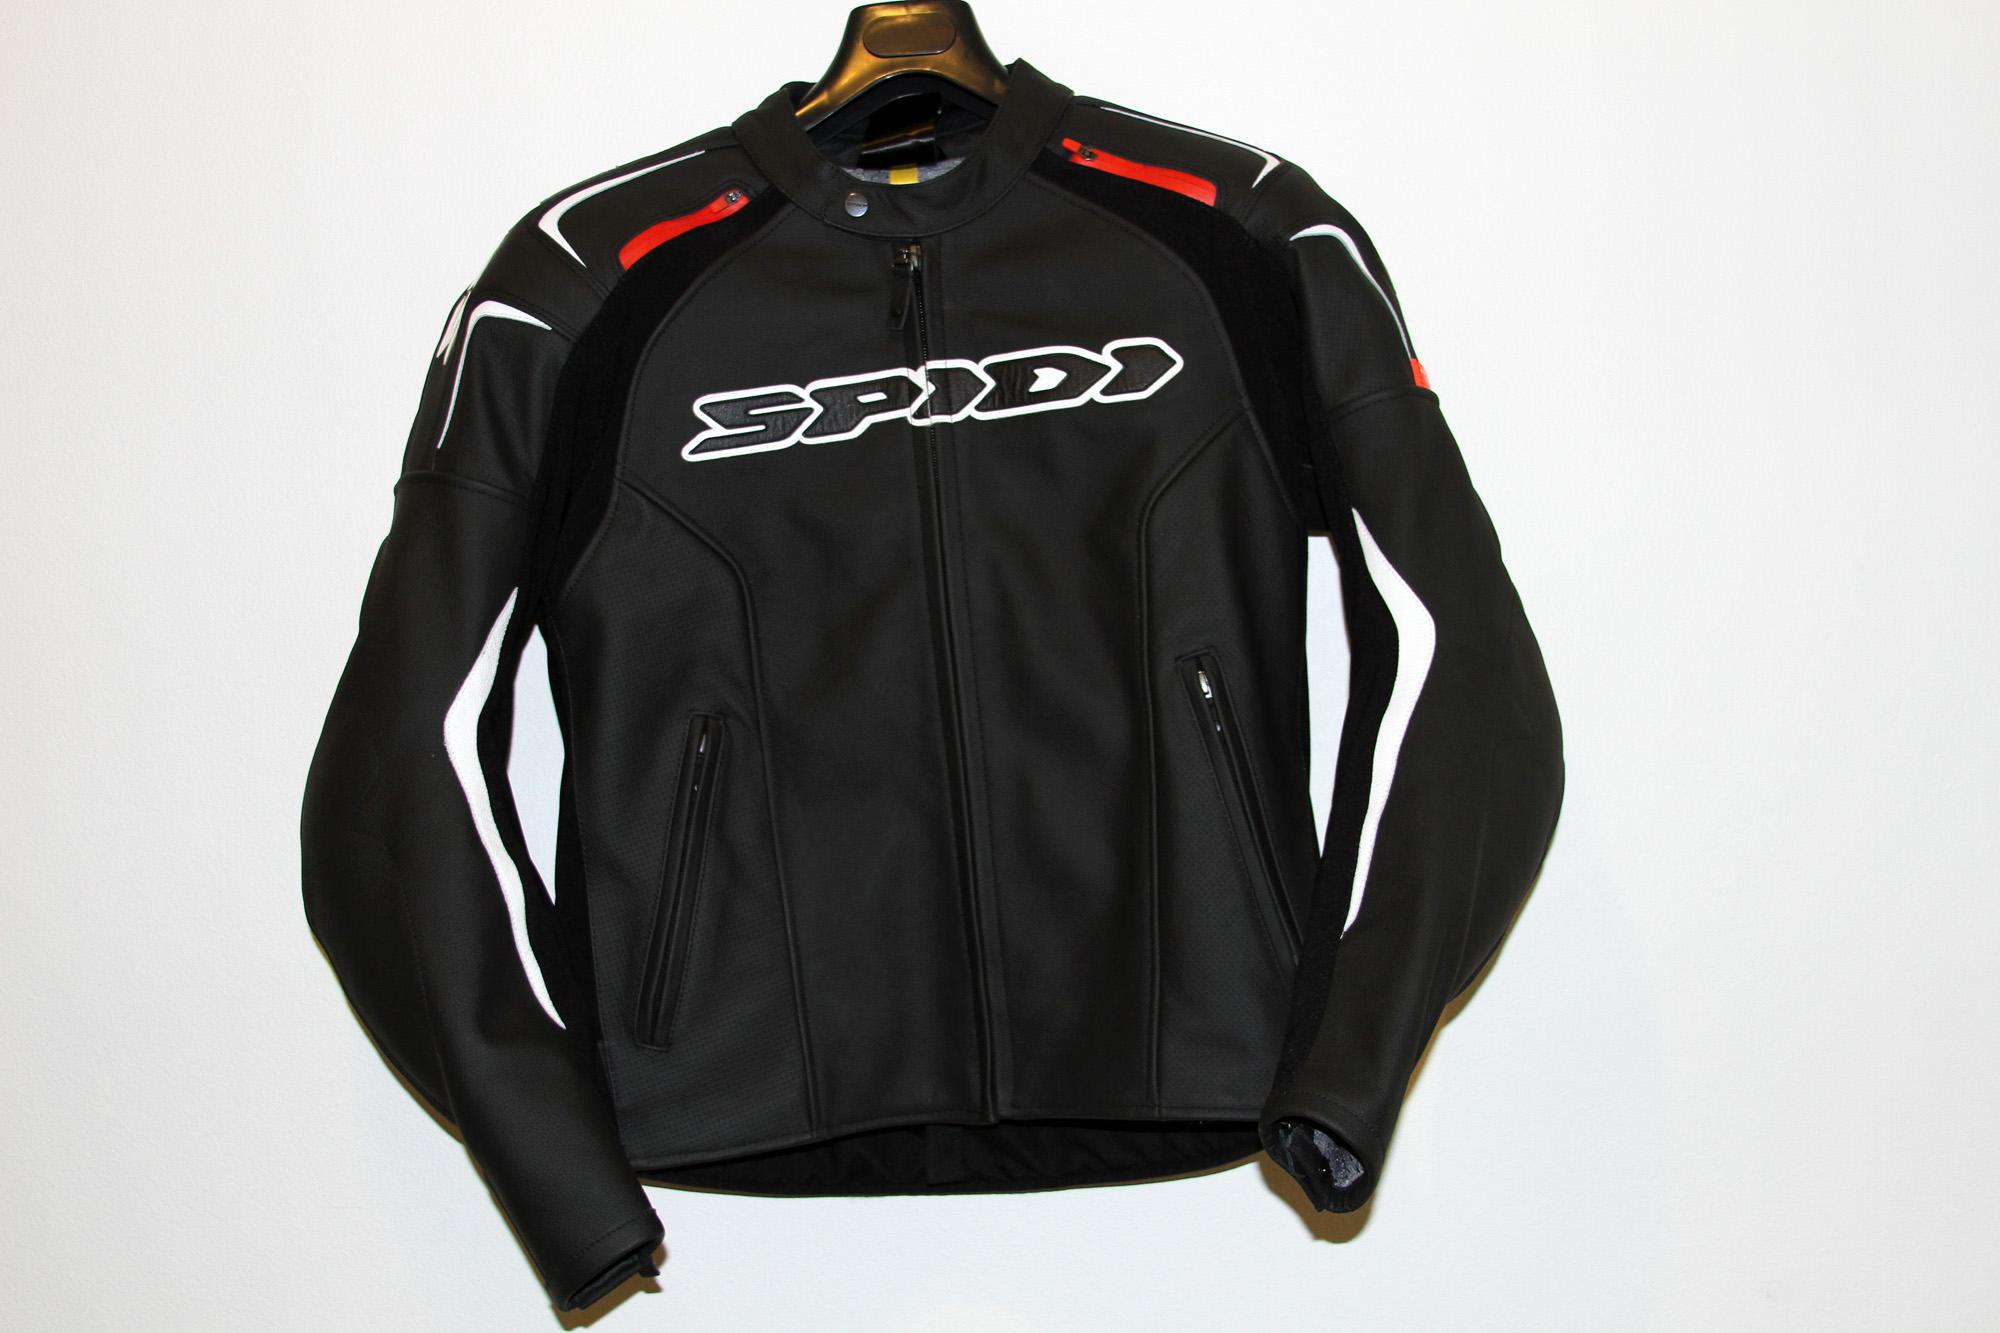 Leather track jacket